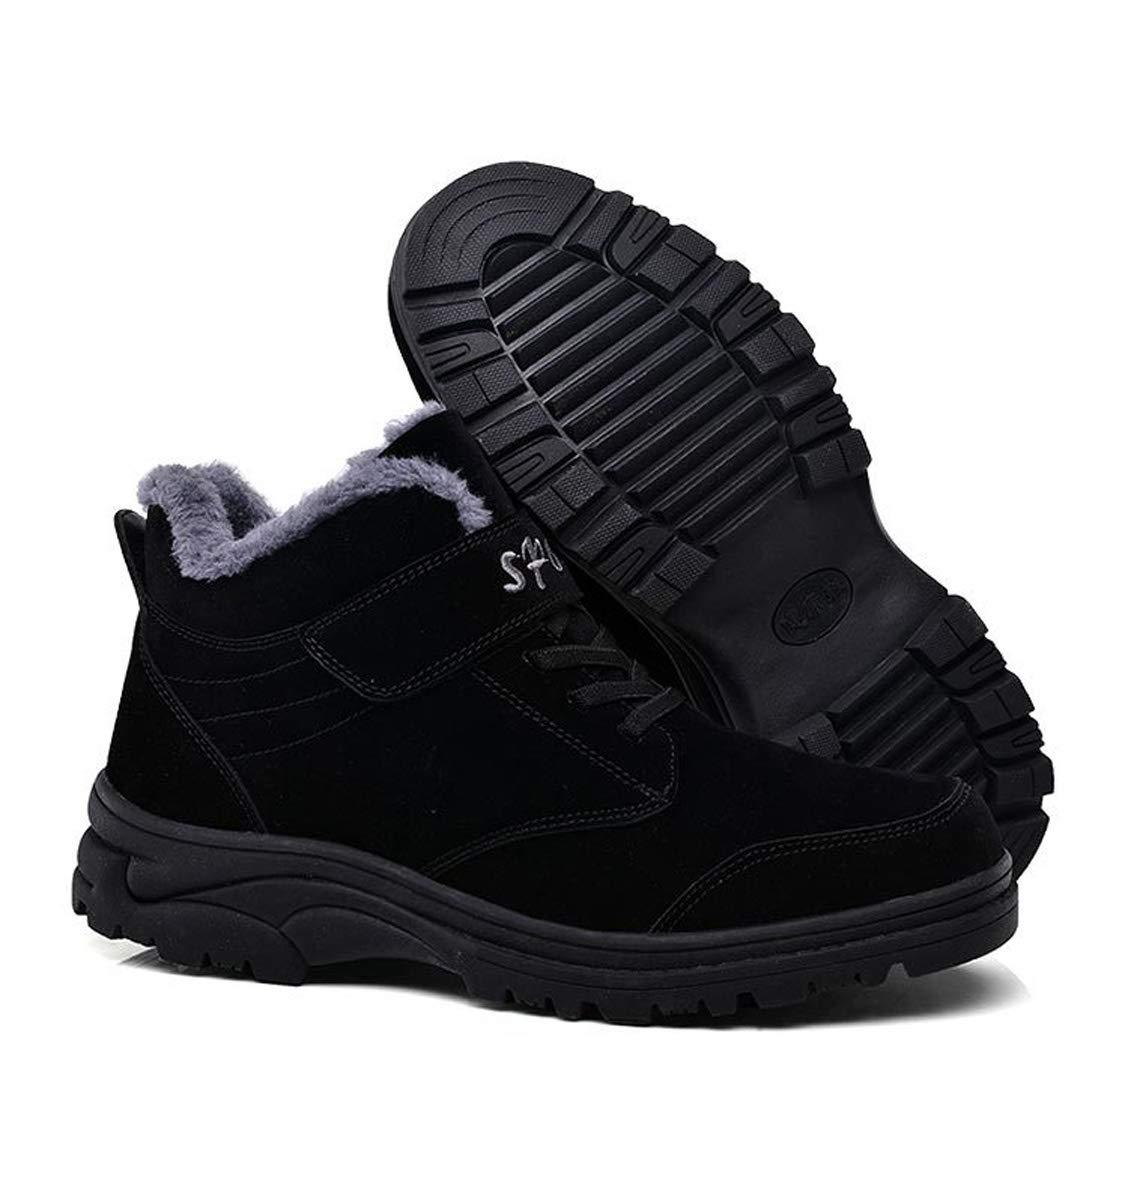 DANDANJIE Herren Schuhe Winter Warm Wandern Wandern Wandern Trekking Schuhe Hohe Turnschuhe Anti-Slip Lace-up Klettverschluss Lässige Outdoor-Schuhe d186fb